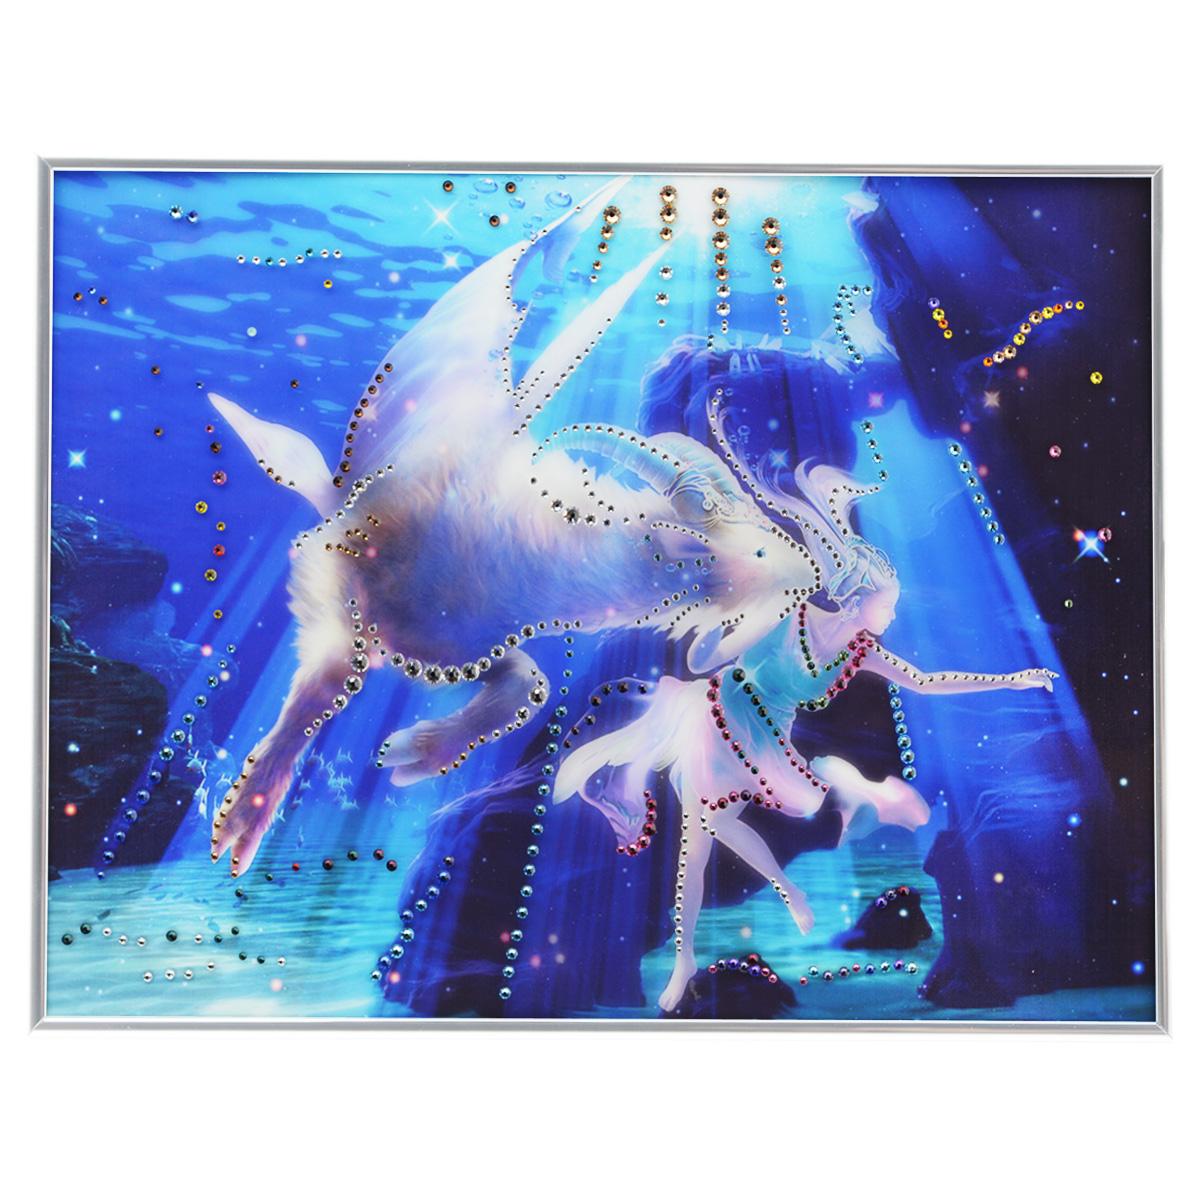 Картина с кристаллами Swarovski Знак зодиака. Козерог Кагая, 40 см х 30 см1597Изящная картина в металлической раме, инкрустирована кристаллами Swarovski, которые отличаются четкой и ровной огранкой, ярким блеском и чистотой цвета. Красочное изображение знака зодиака - козерог Кагая, расположенное под стеклом, прекрасно дополняет блеск кристаллов. С обратной стороны имеется металлическая петелька для размещения картины на стене. Картина с кристаллами Swarovski Знак зодиака. Козерог Кагая элегантно украсит интерьер дома или офиса, а также станет прекрасным подарком, который обязательно понравится получателю. Блеск кристаллов в интерьере, что может быть сказочнее и удивительнее. Картина упакована в подарочную картонную коробку синего цвета и комплектуется сертификатом соответствия Swarovski.